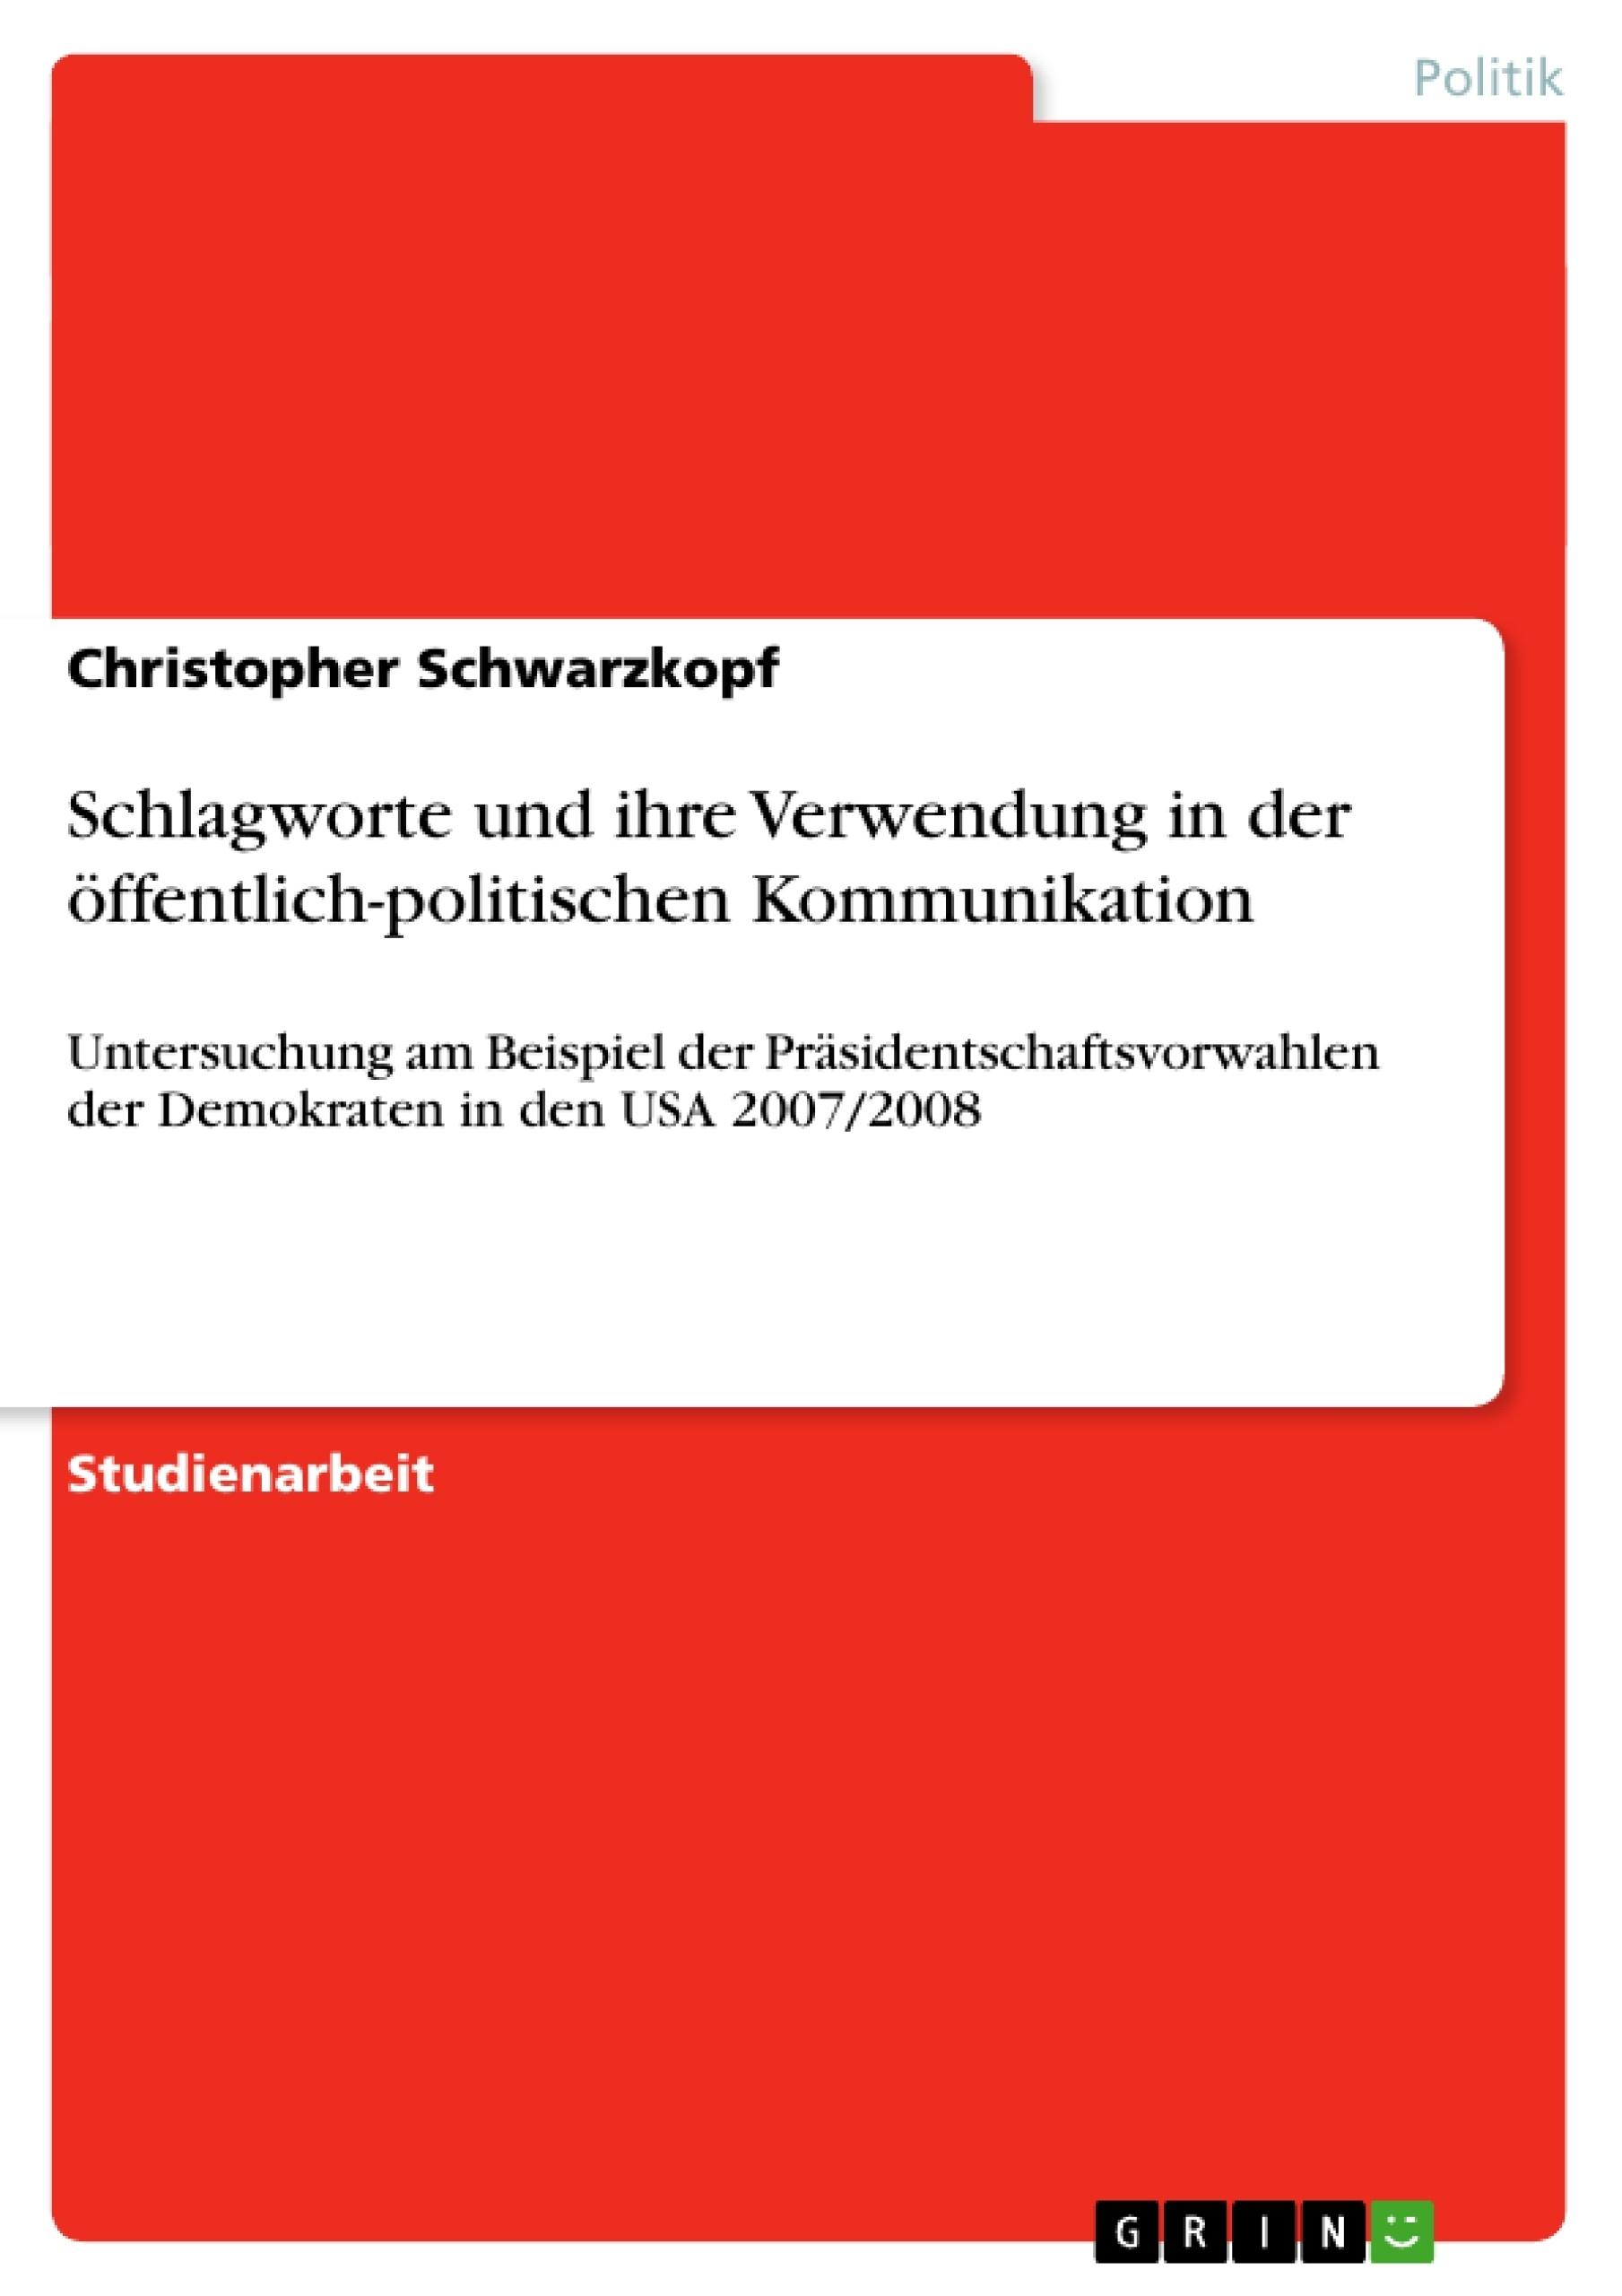 Titel: Schlagworte und ihre Verwendung in der öffentlich-politischen Kommunikation